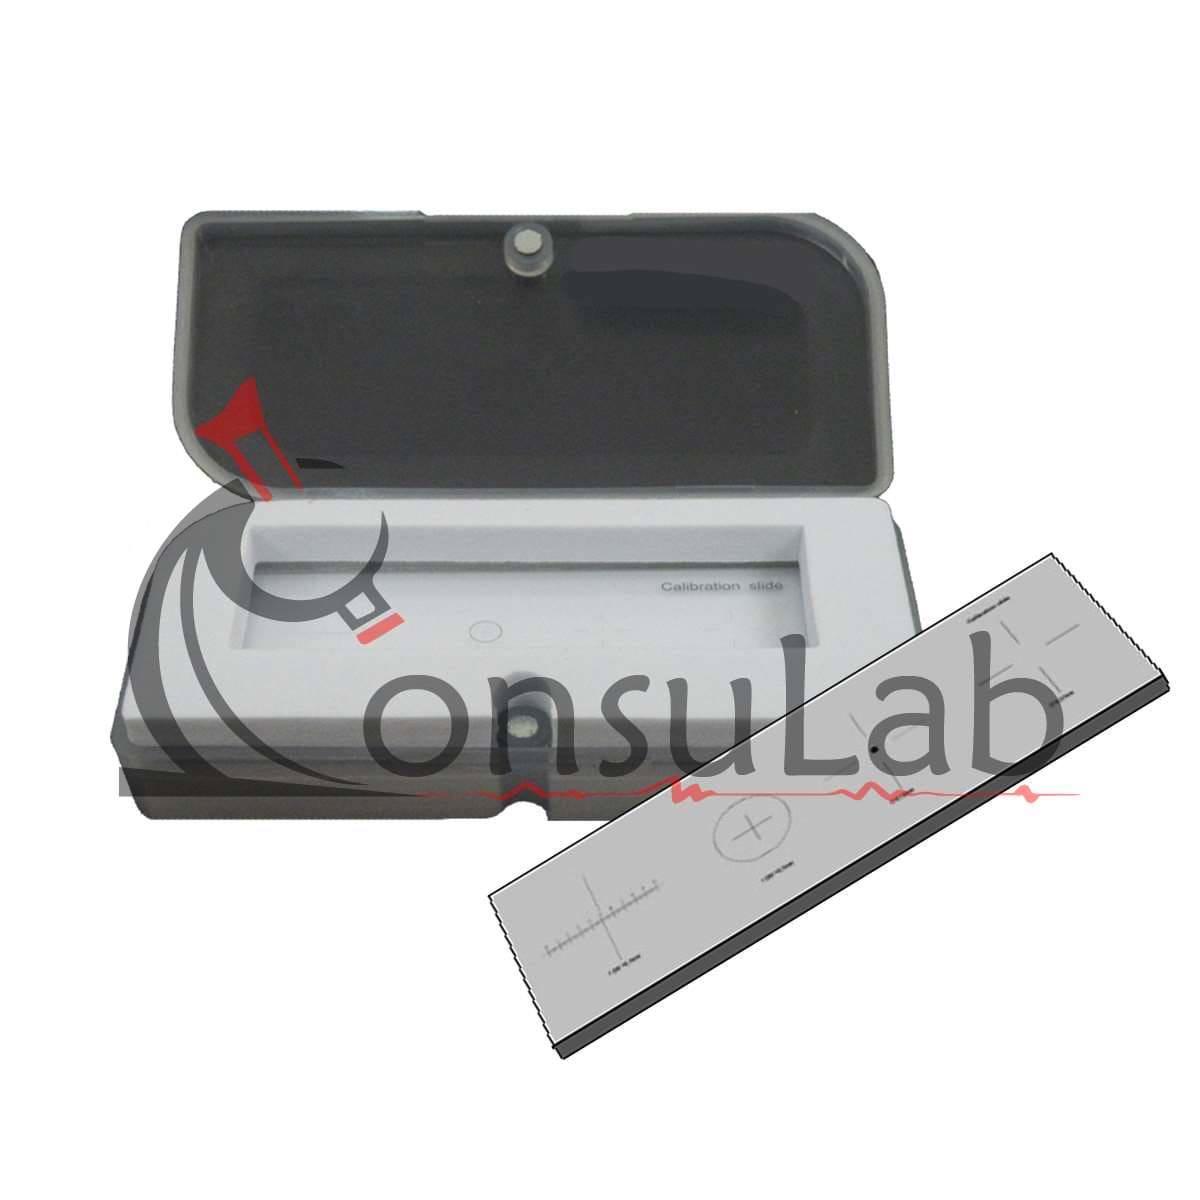 Lâmina Padrão Calibração com Escala 1/0.01-10/0.1 Ponto de Comparação DMT 0.15mm